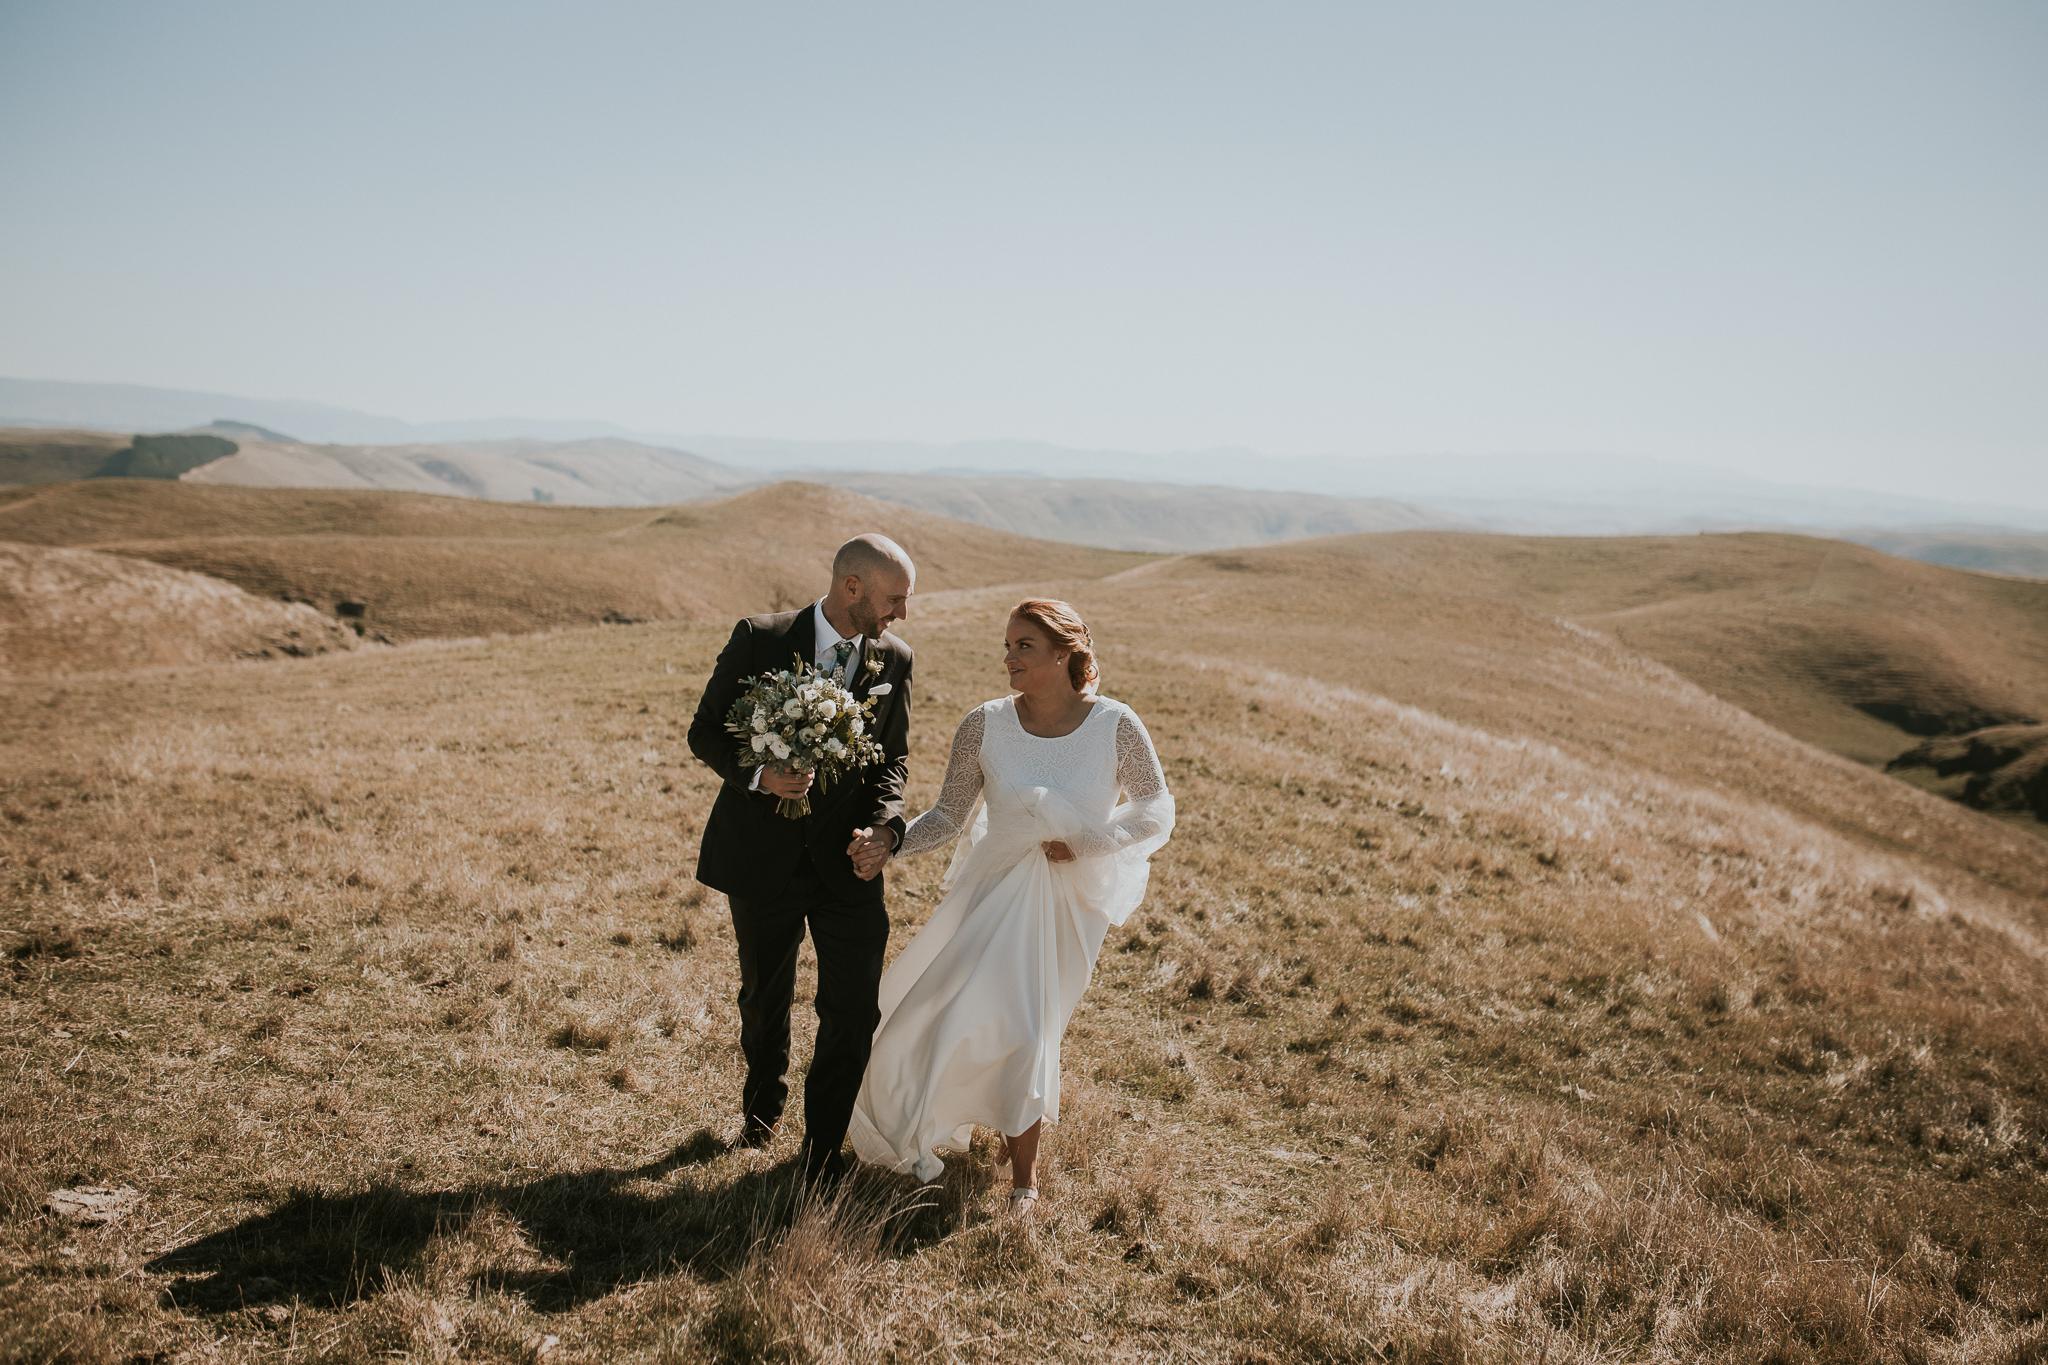 wedding photographer hawkes bay , Lisa Fisher Photography, Selini Winery Wedding -83.jpg